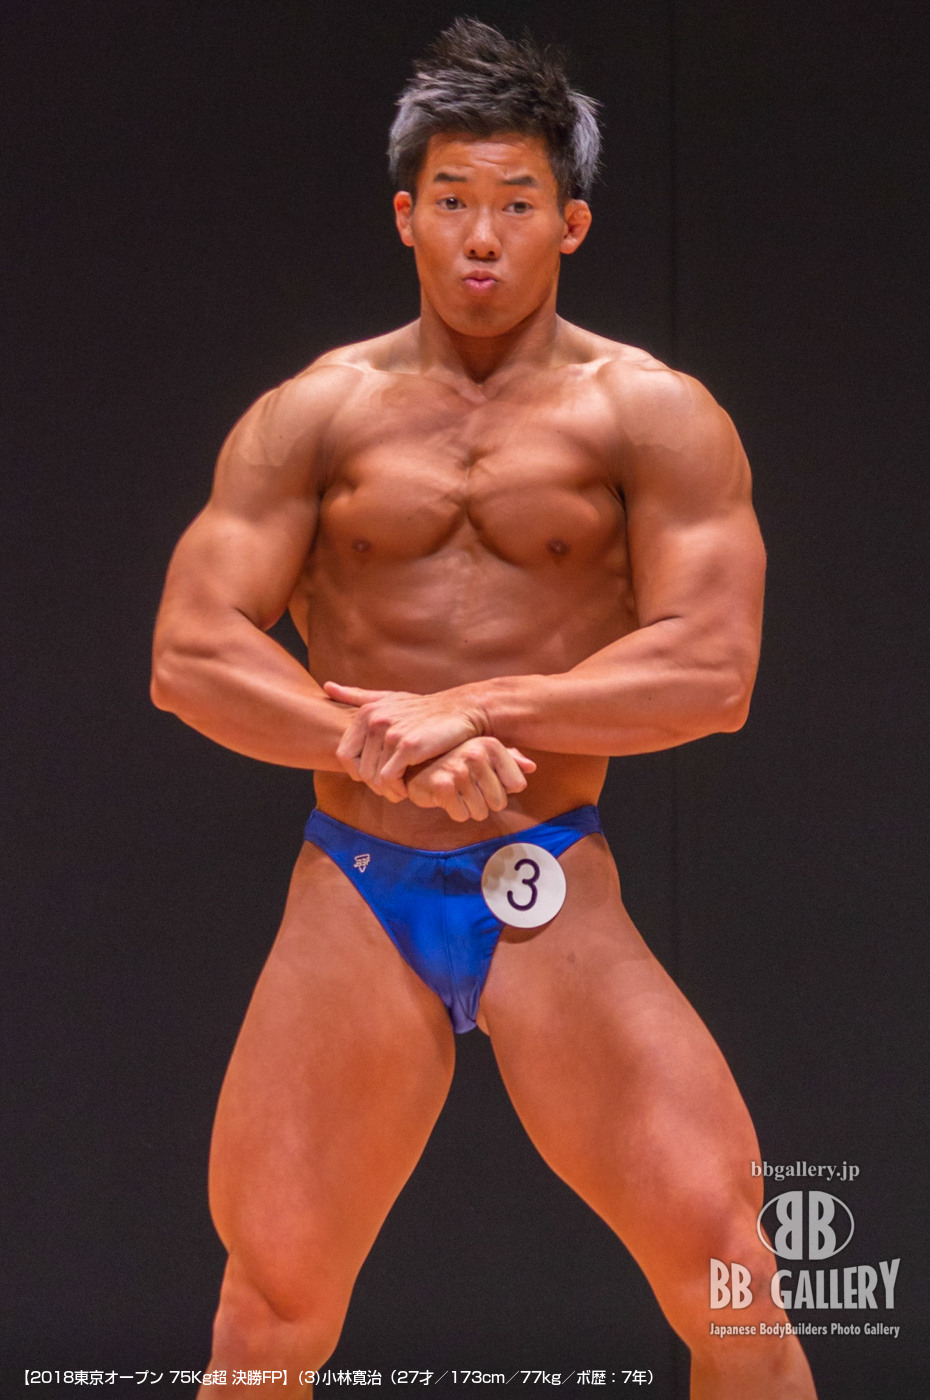 【2018東京オープン 75Kg超 決勝FP】(3)小林寛治(27才/173cm/77kg/ボ歴:7年)